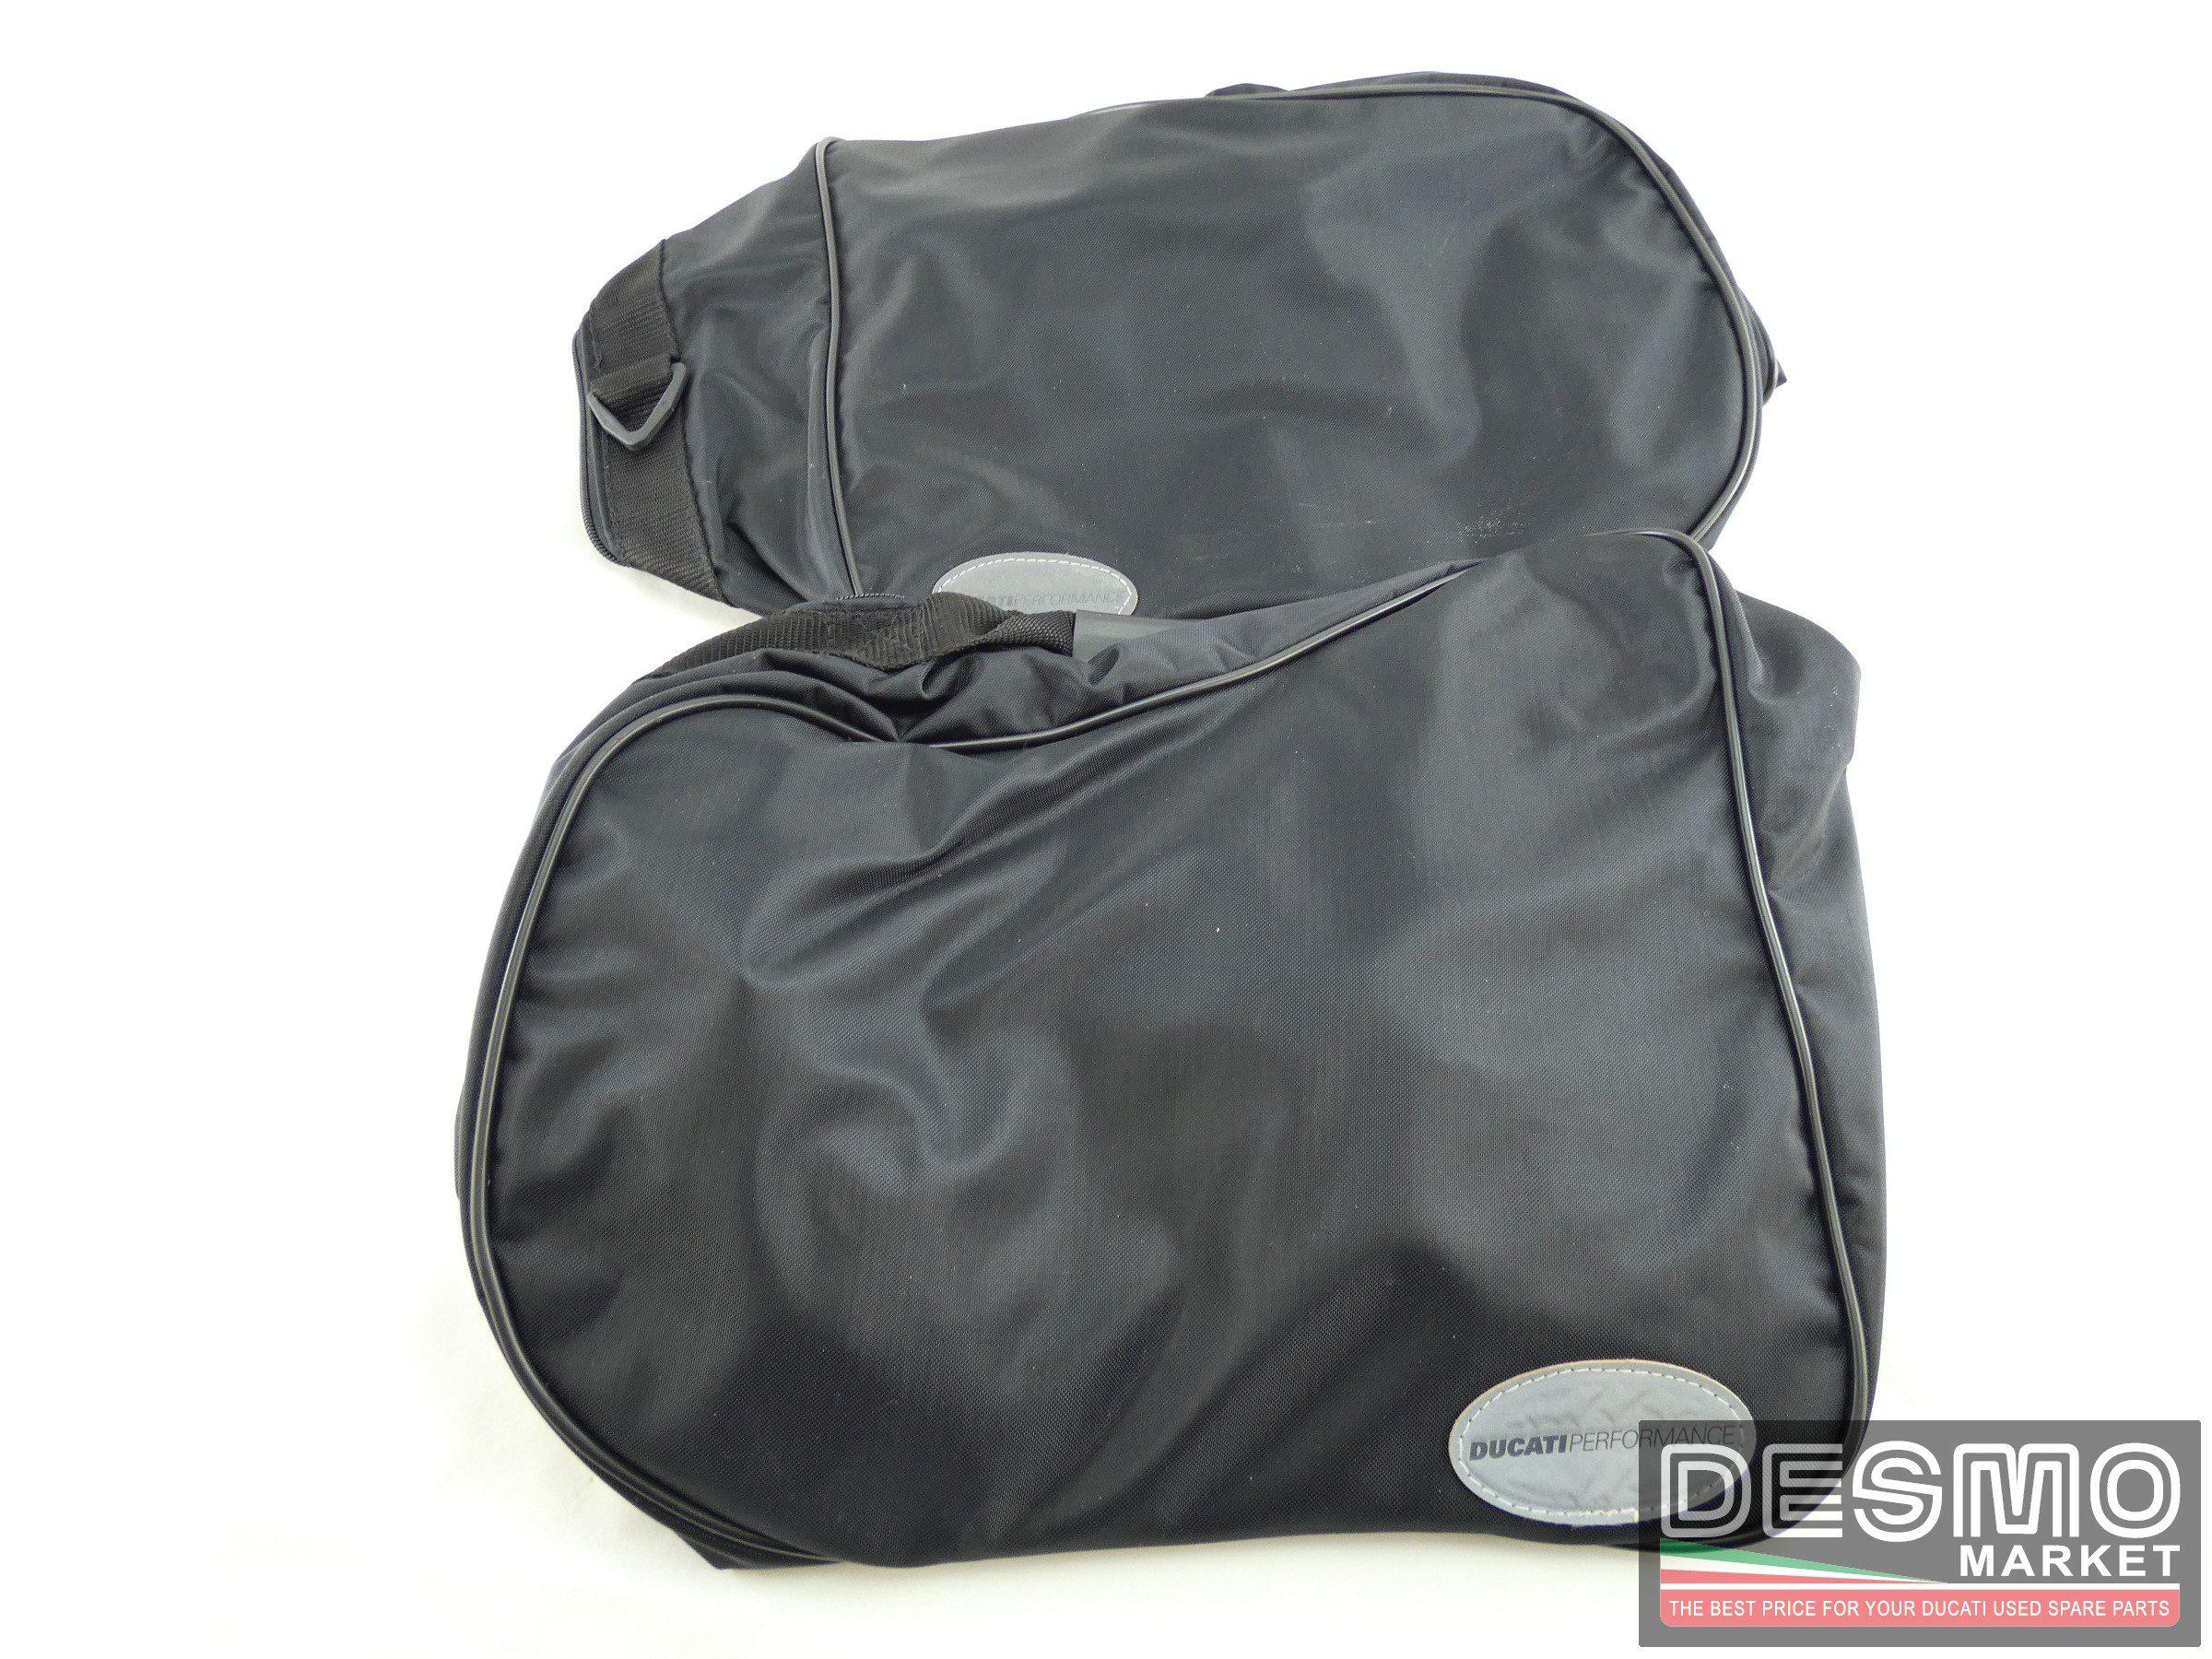 Borse Morbide.Borse Morbide Nere Ducati Performance St2 Desmo Market